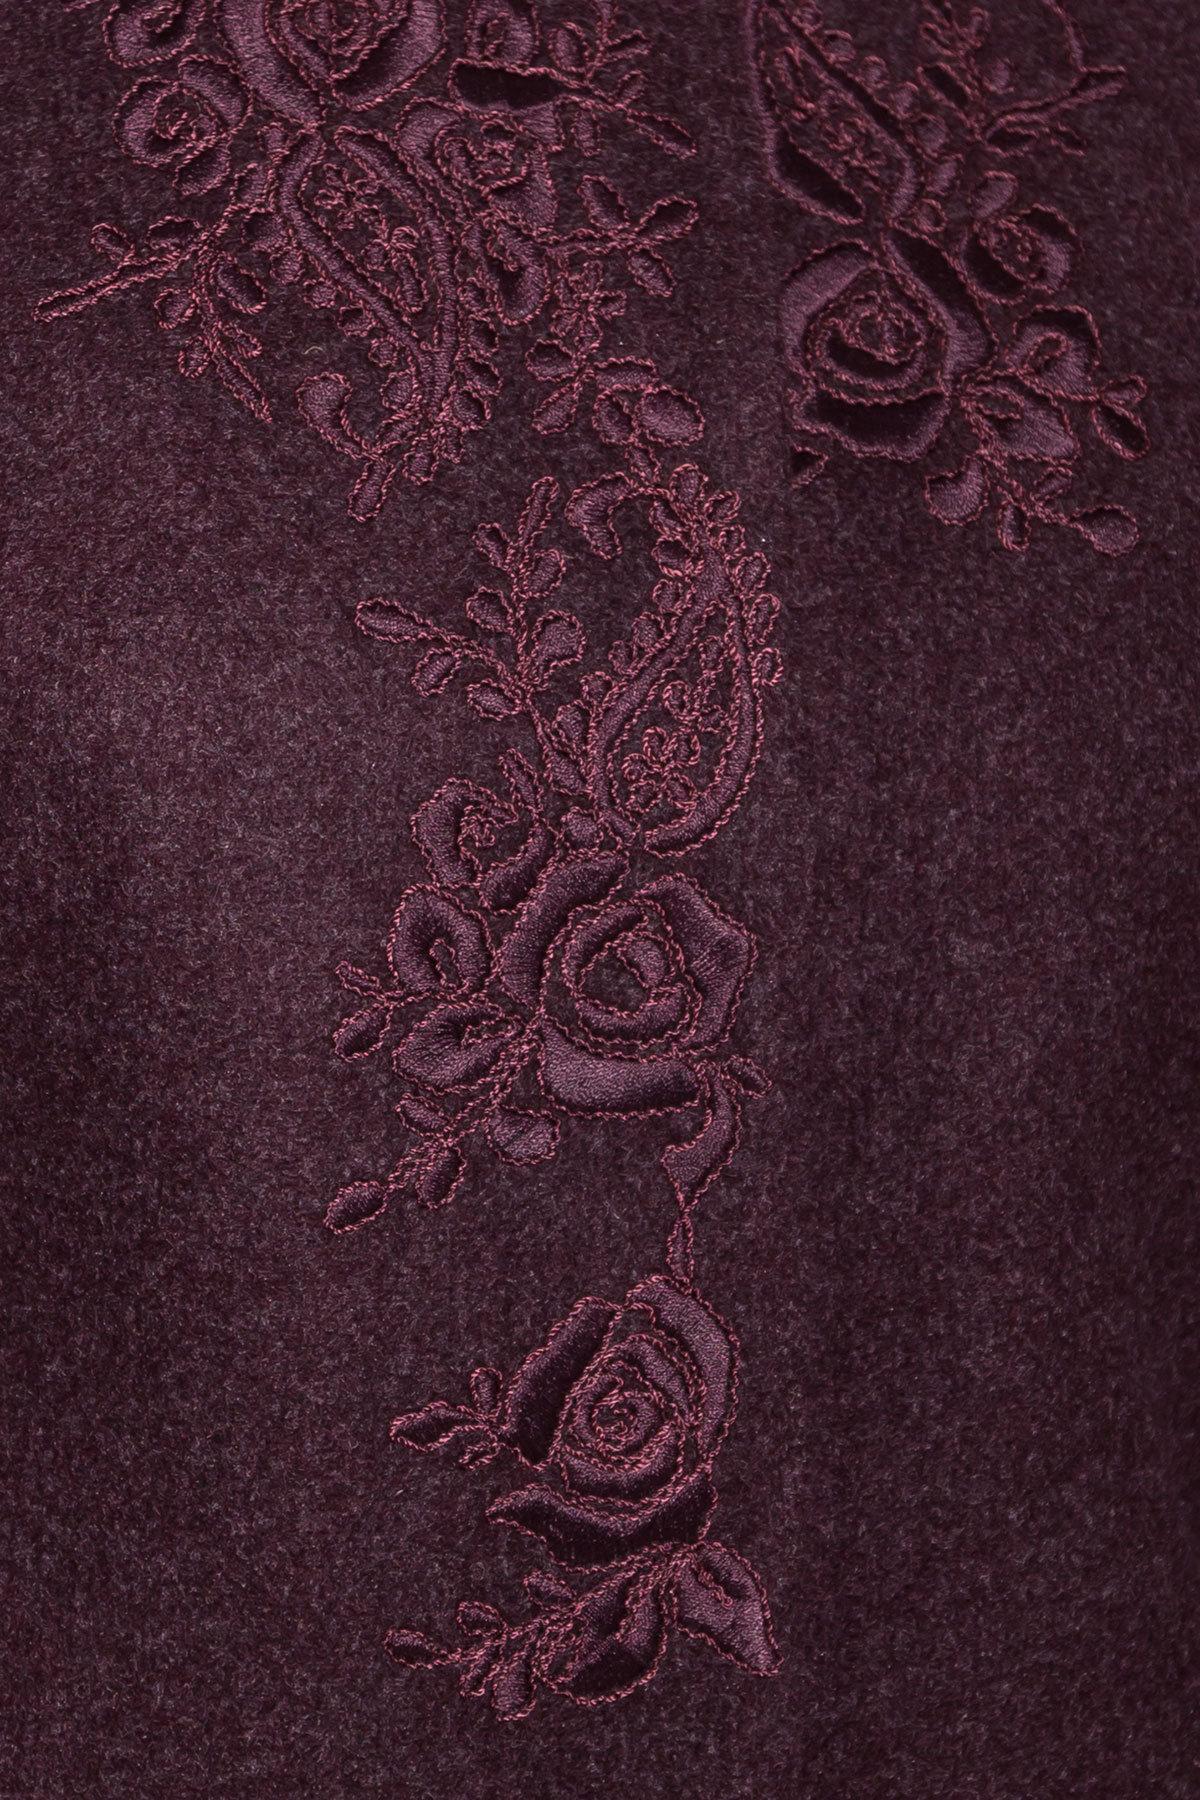 Пальто Авелони 4555 АРТ. 36676 Цвет: Марсала - фото 5, интернет магазин tm-modus.ru